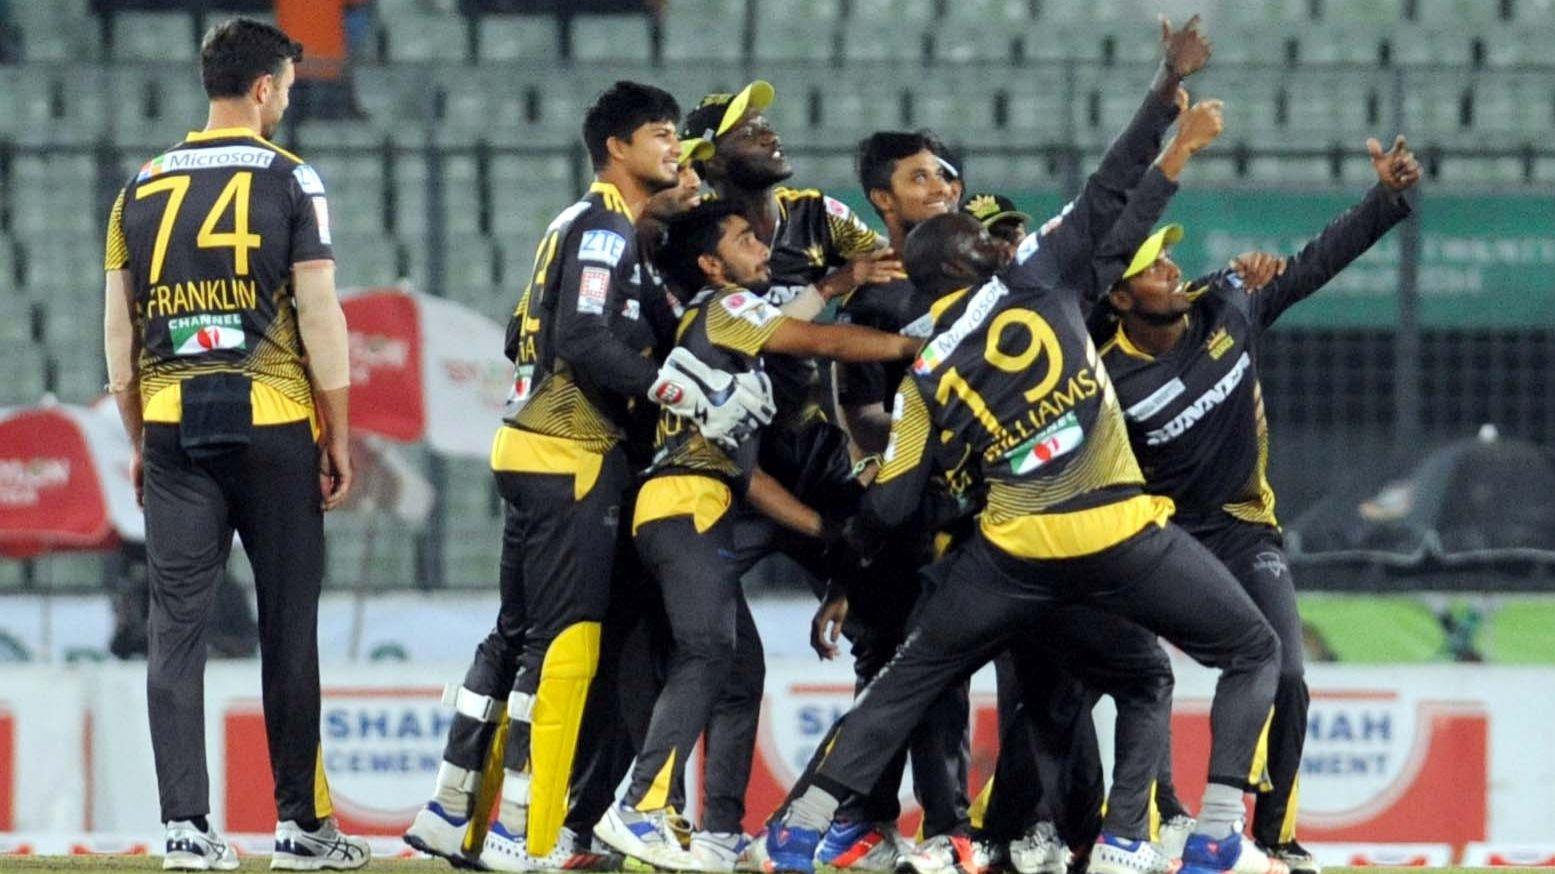 बीसीबी ने अगले बीपीएल से विदेशी खिलाड़ियों की सीमा को किया सीमित